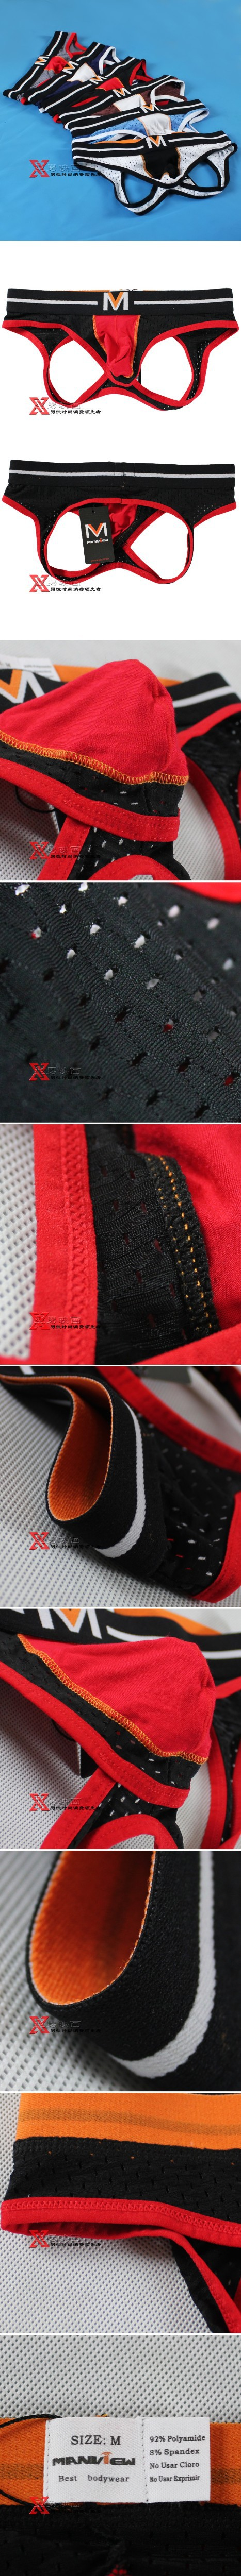 сексуальный ажурные стринги мужские у дуга с низкой посадкой, женское белье человек марли сетки узкие камуфляжные штаны нижнее белье стринги ствол короткий